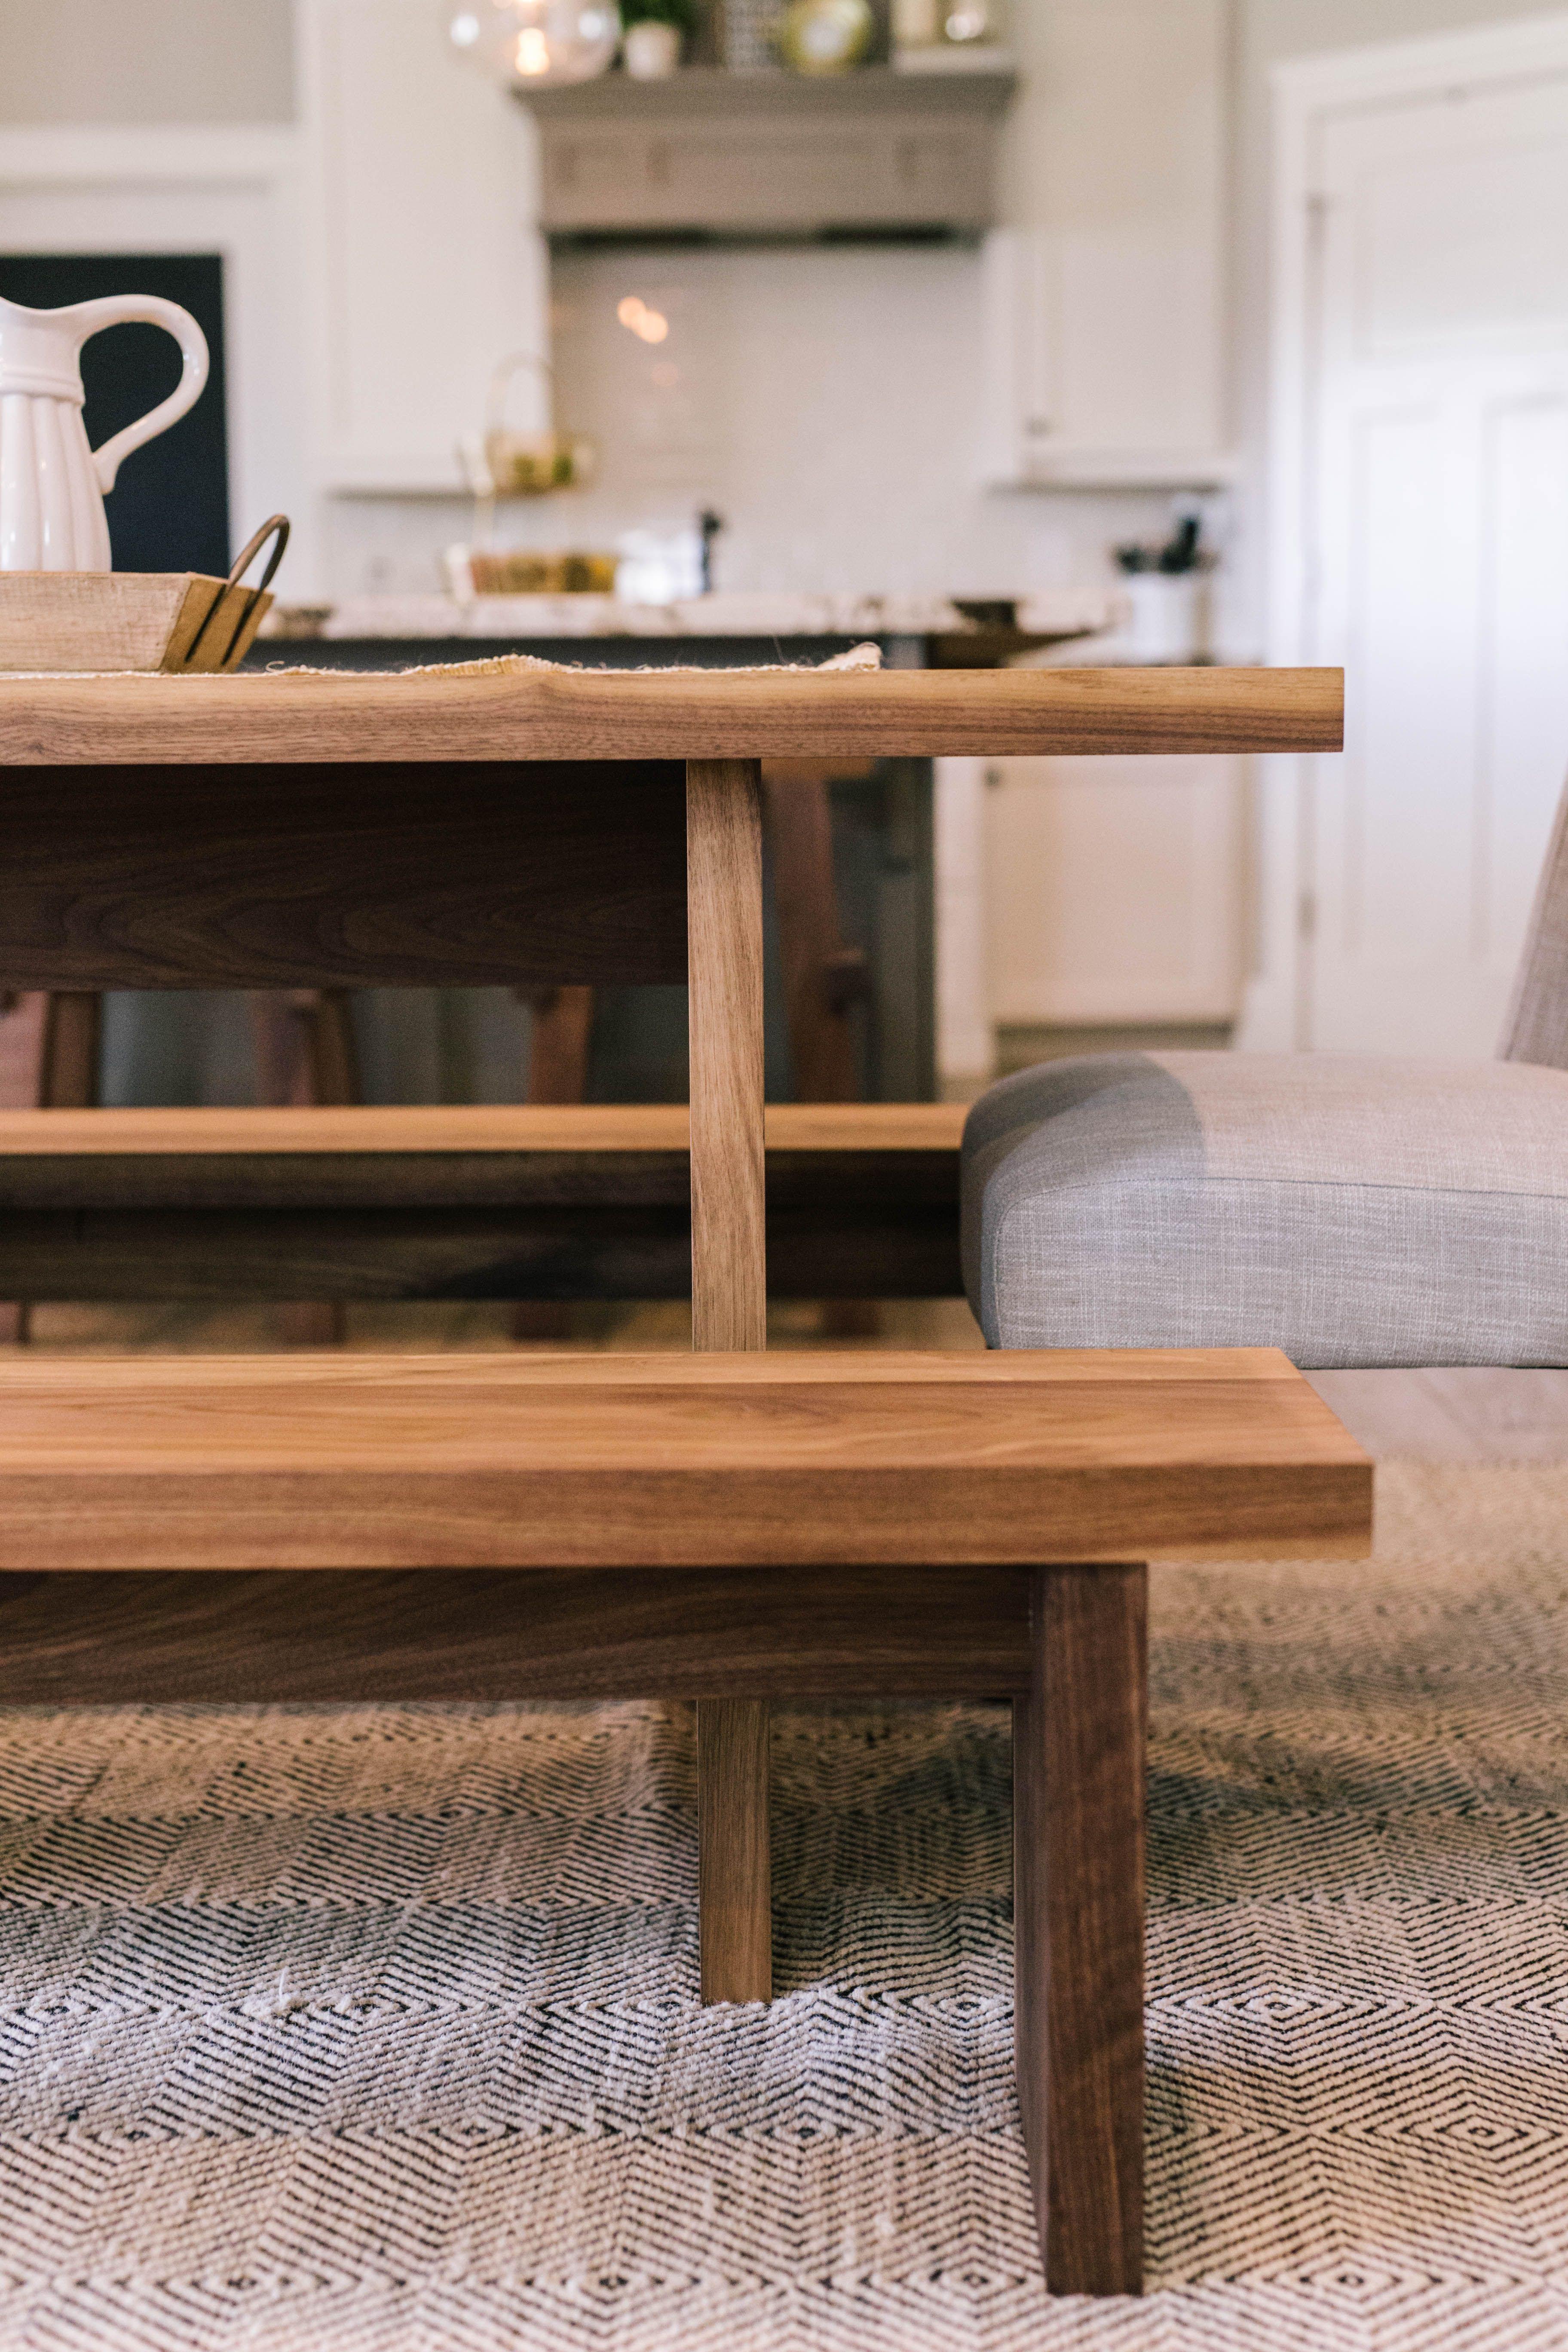 Industrial Furniture Hardware Artisan Table And Bench Industrial Furniture Hardware